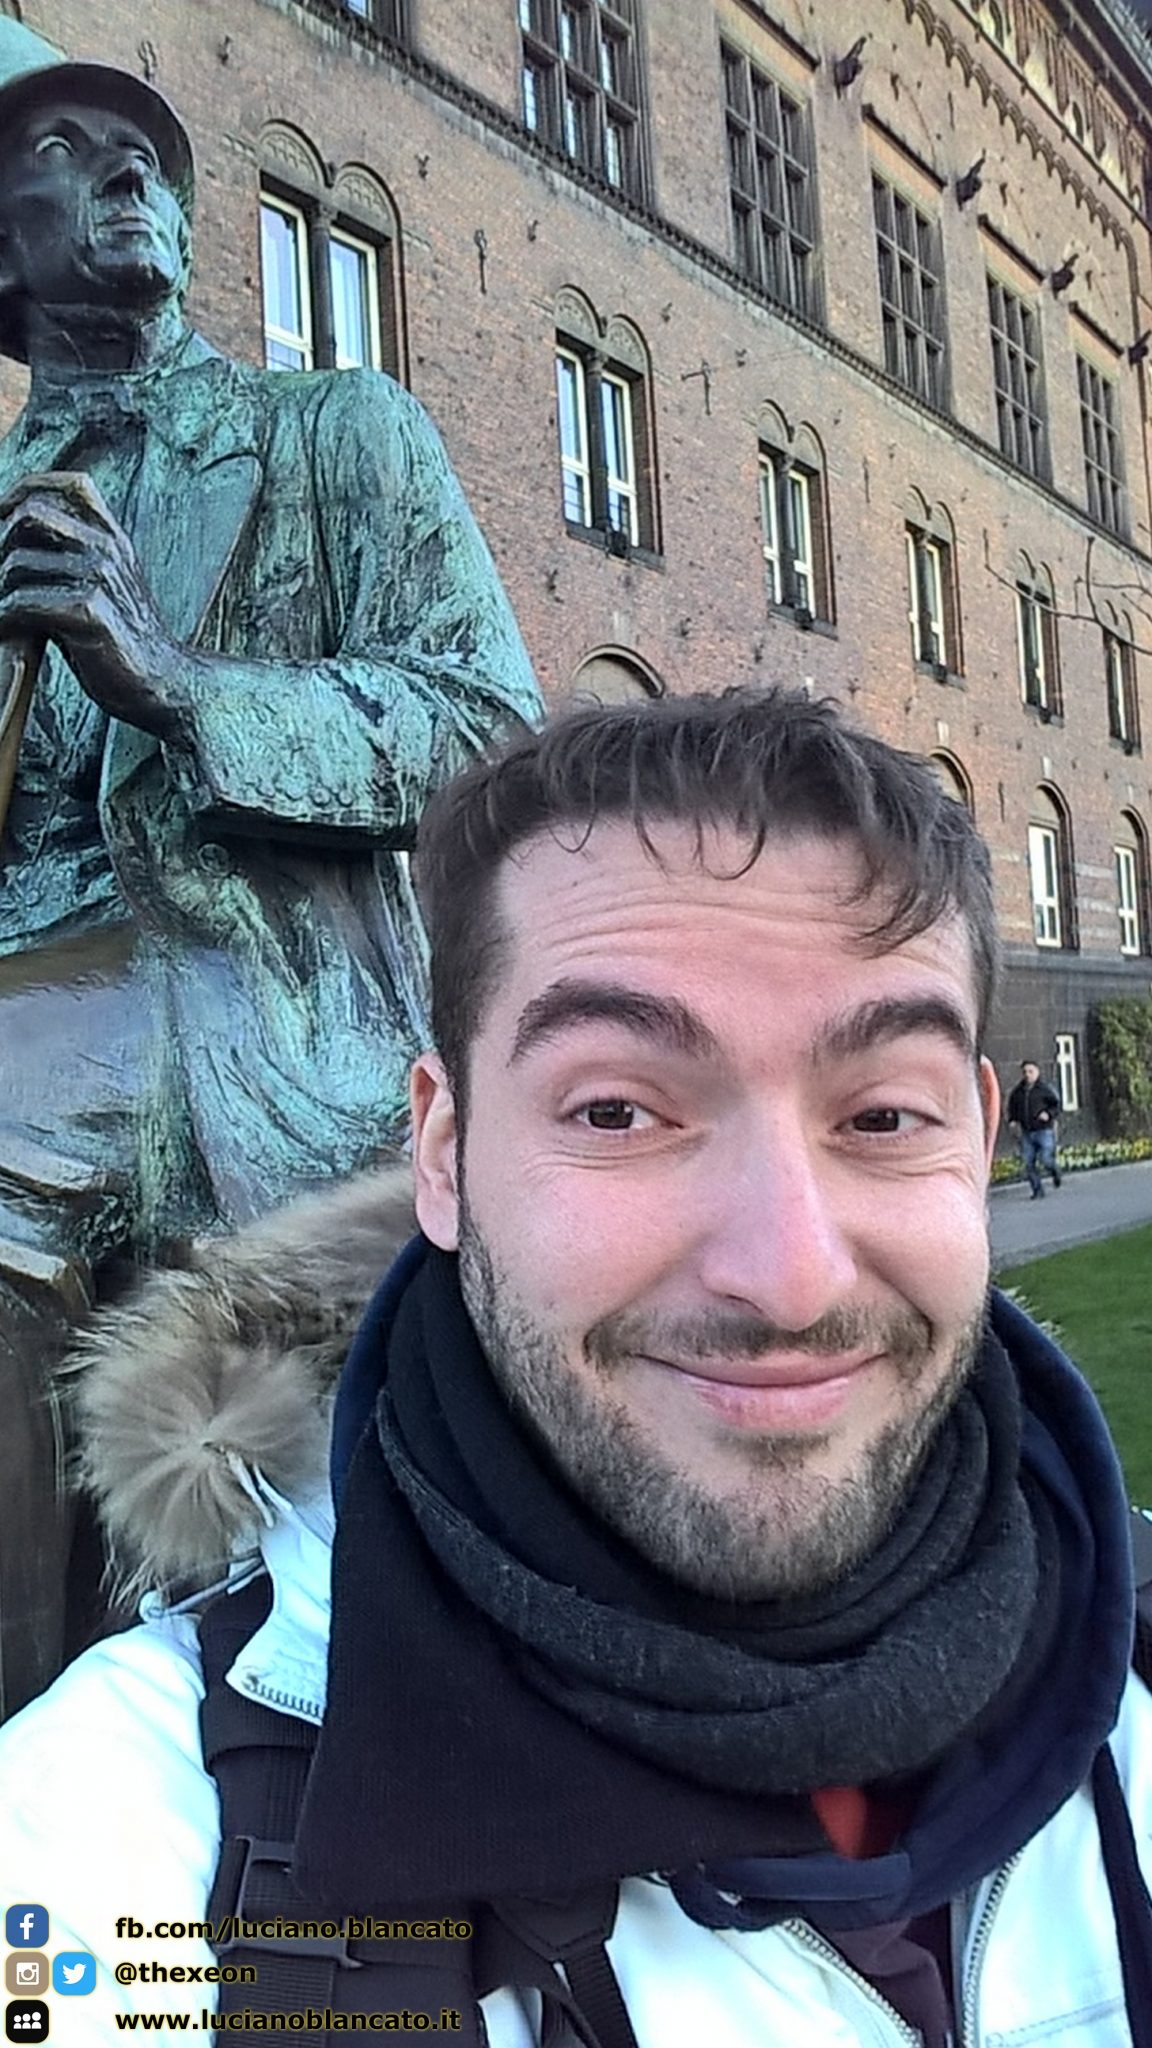 Copenaghen - Danimarca - 2015 - foto n. 0015